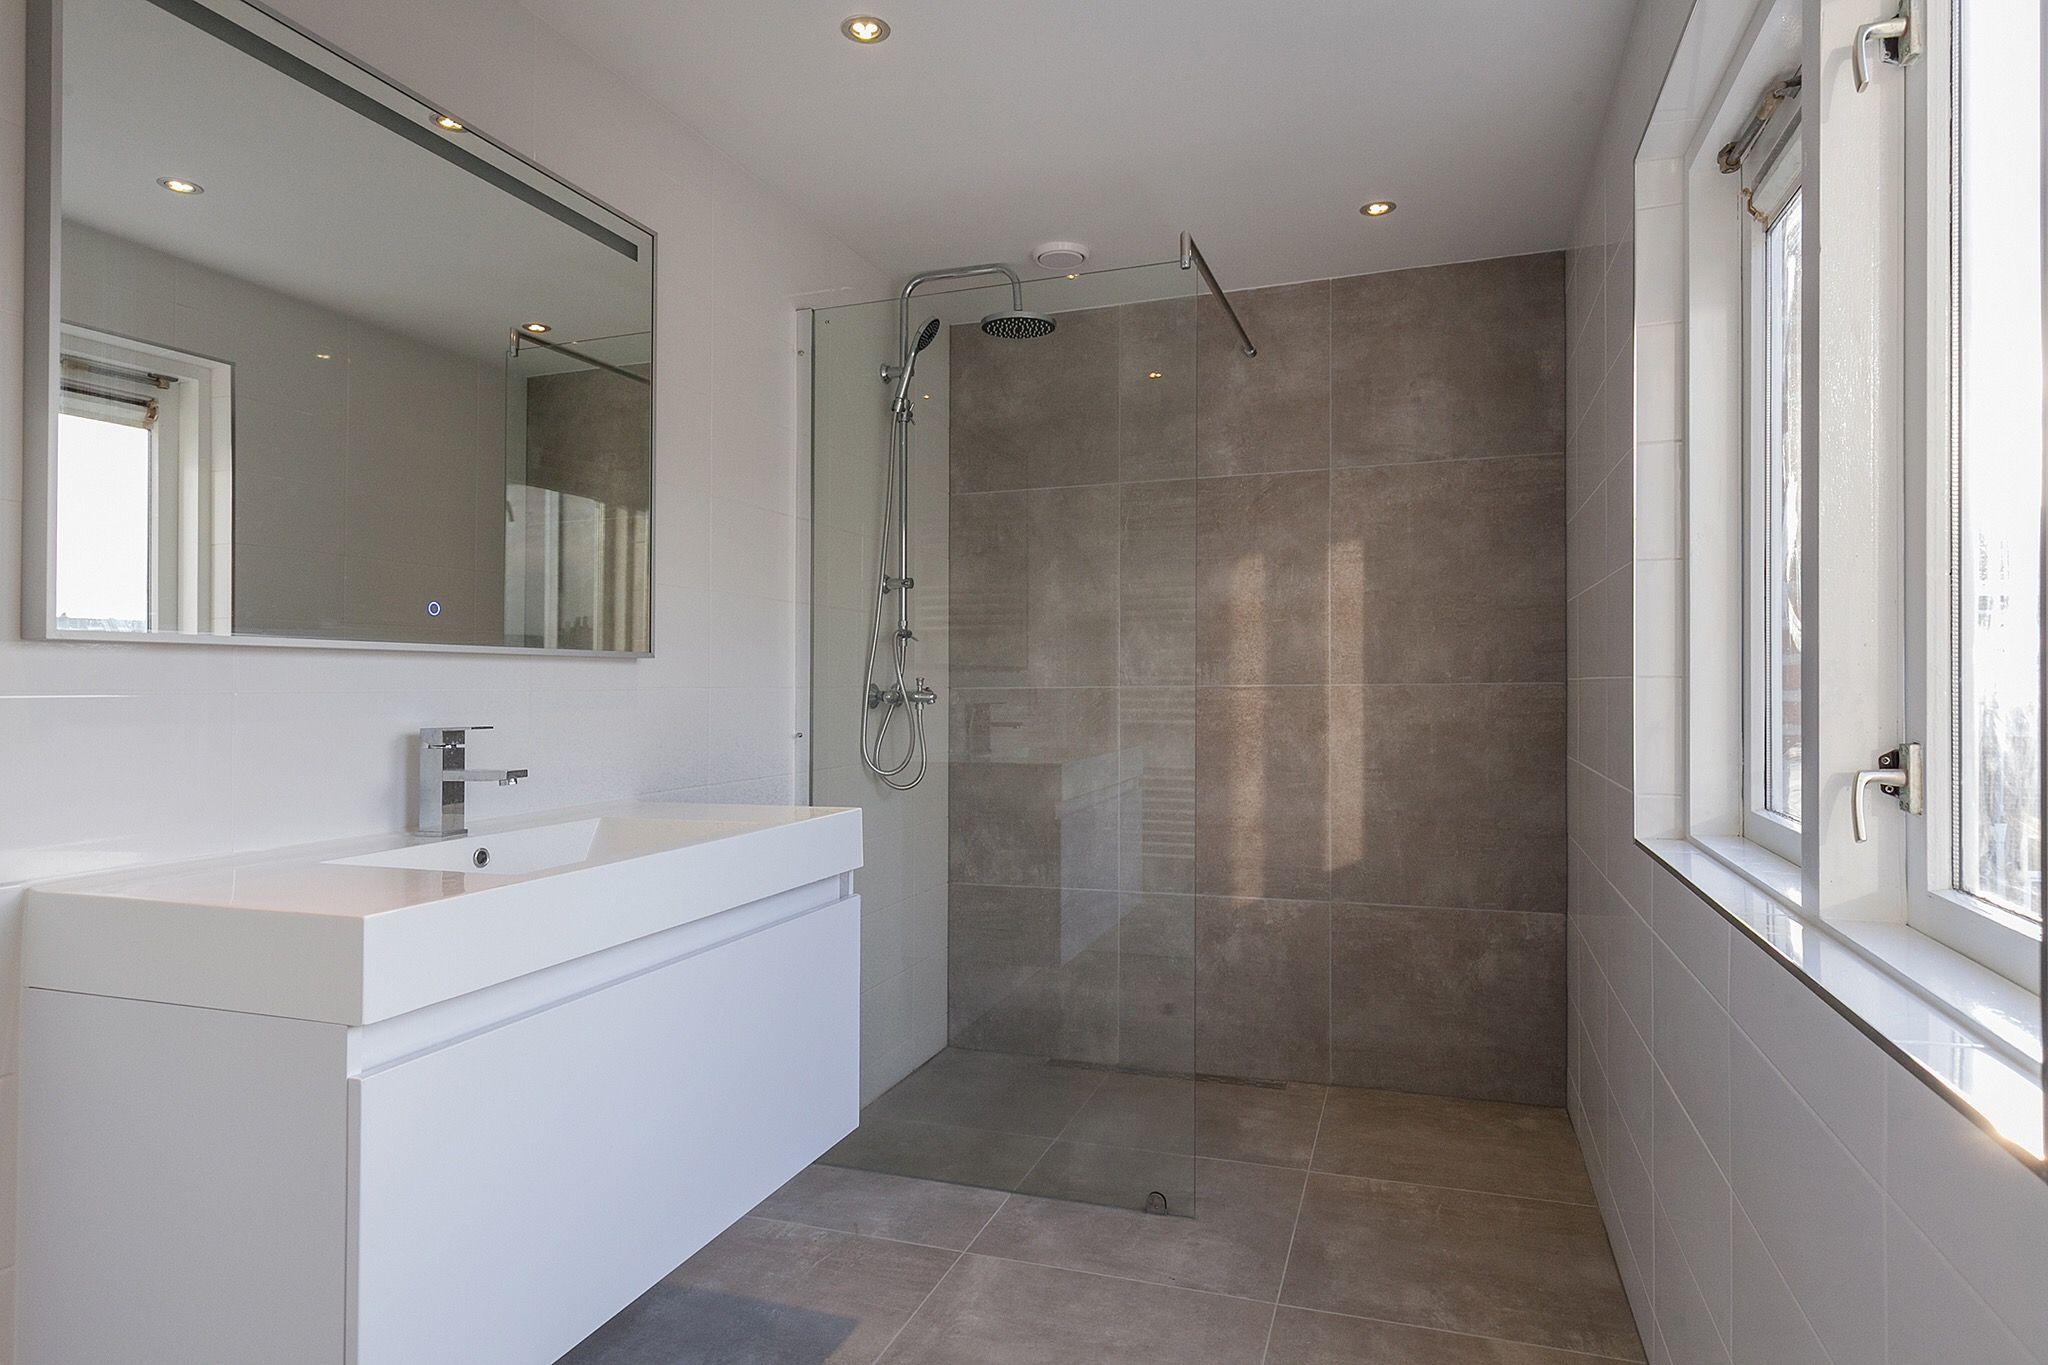 Tegels Badkamer Rotterdam : Van den berg opschoor makelaardij rotterdam luxe inloopdouche